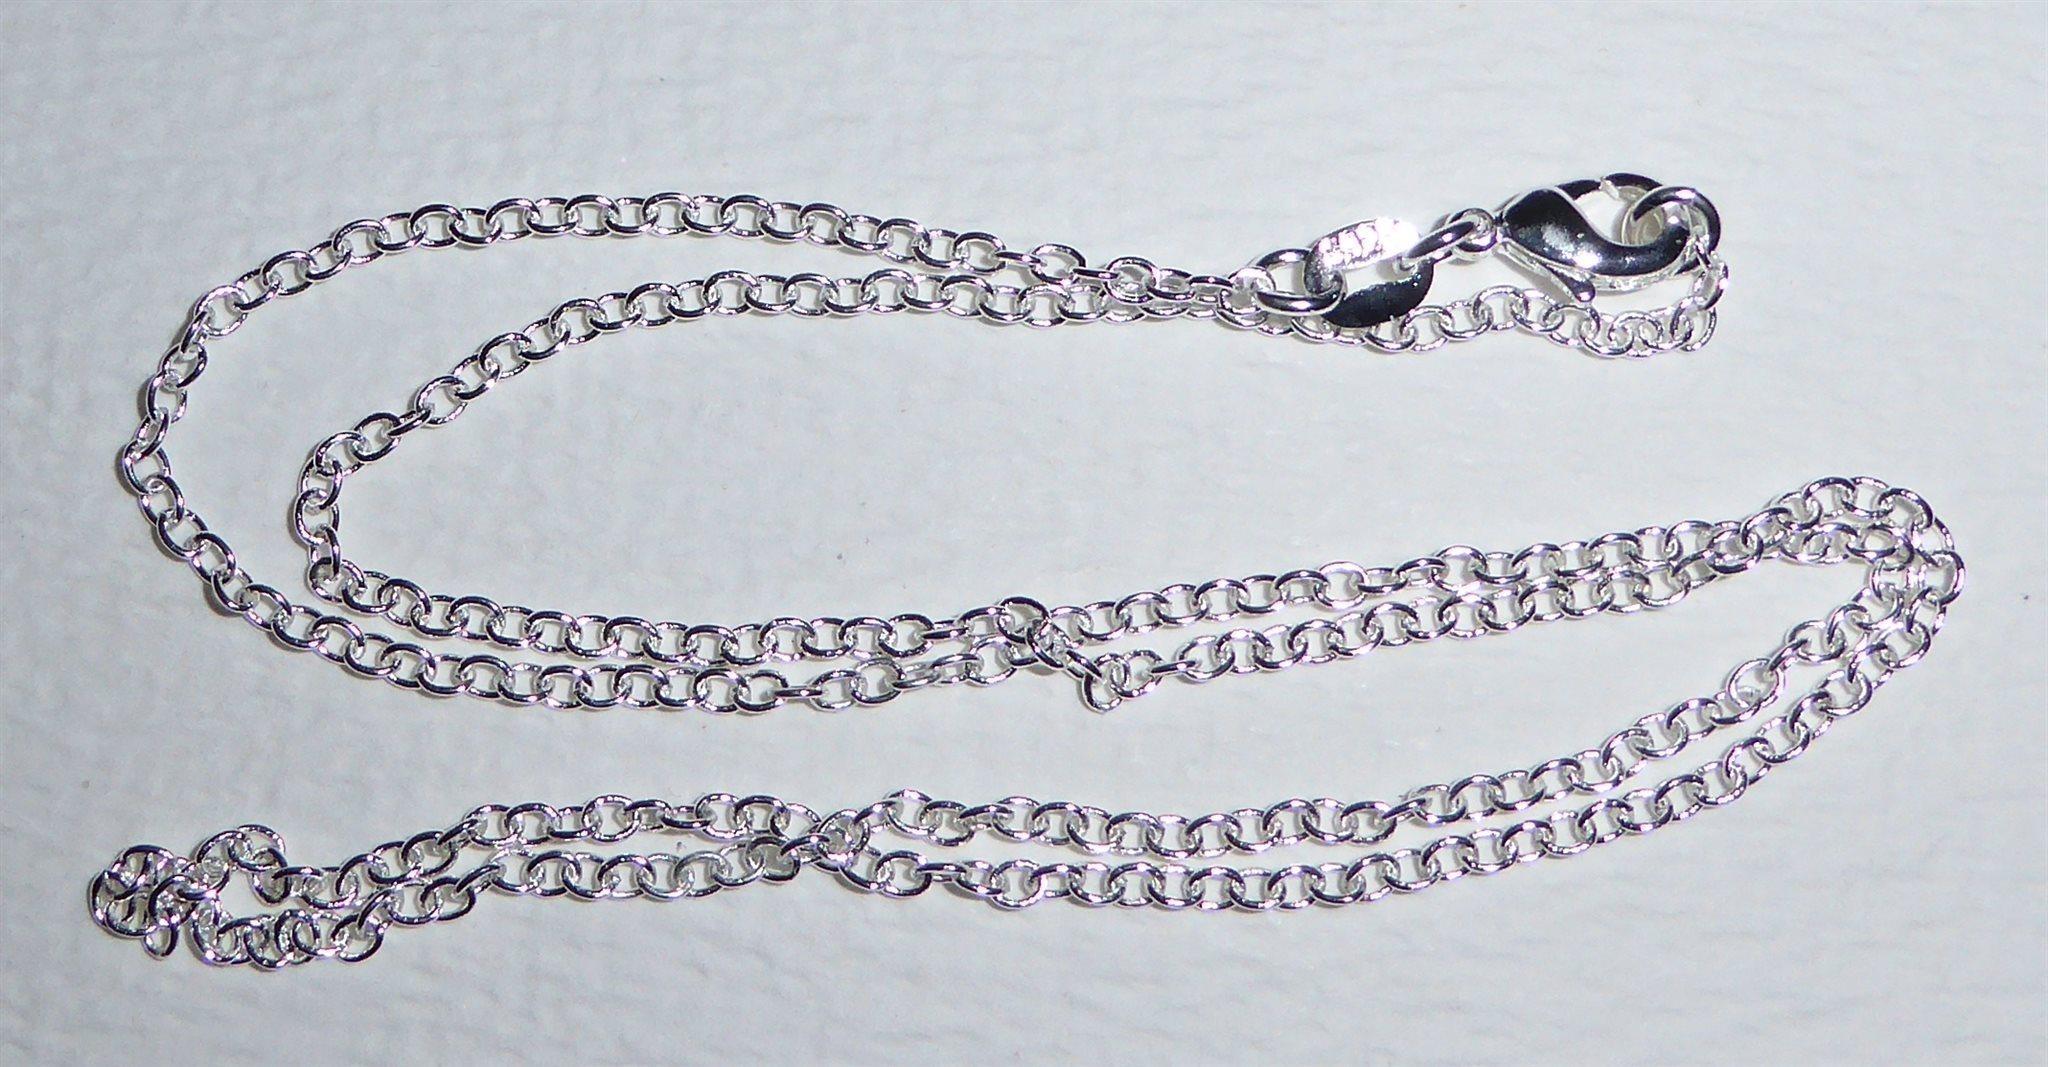 Silver halsband O-länk stämplad 925. 1 2b0e12ba5e2de